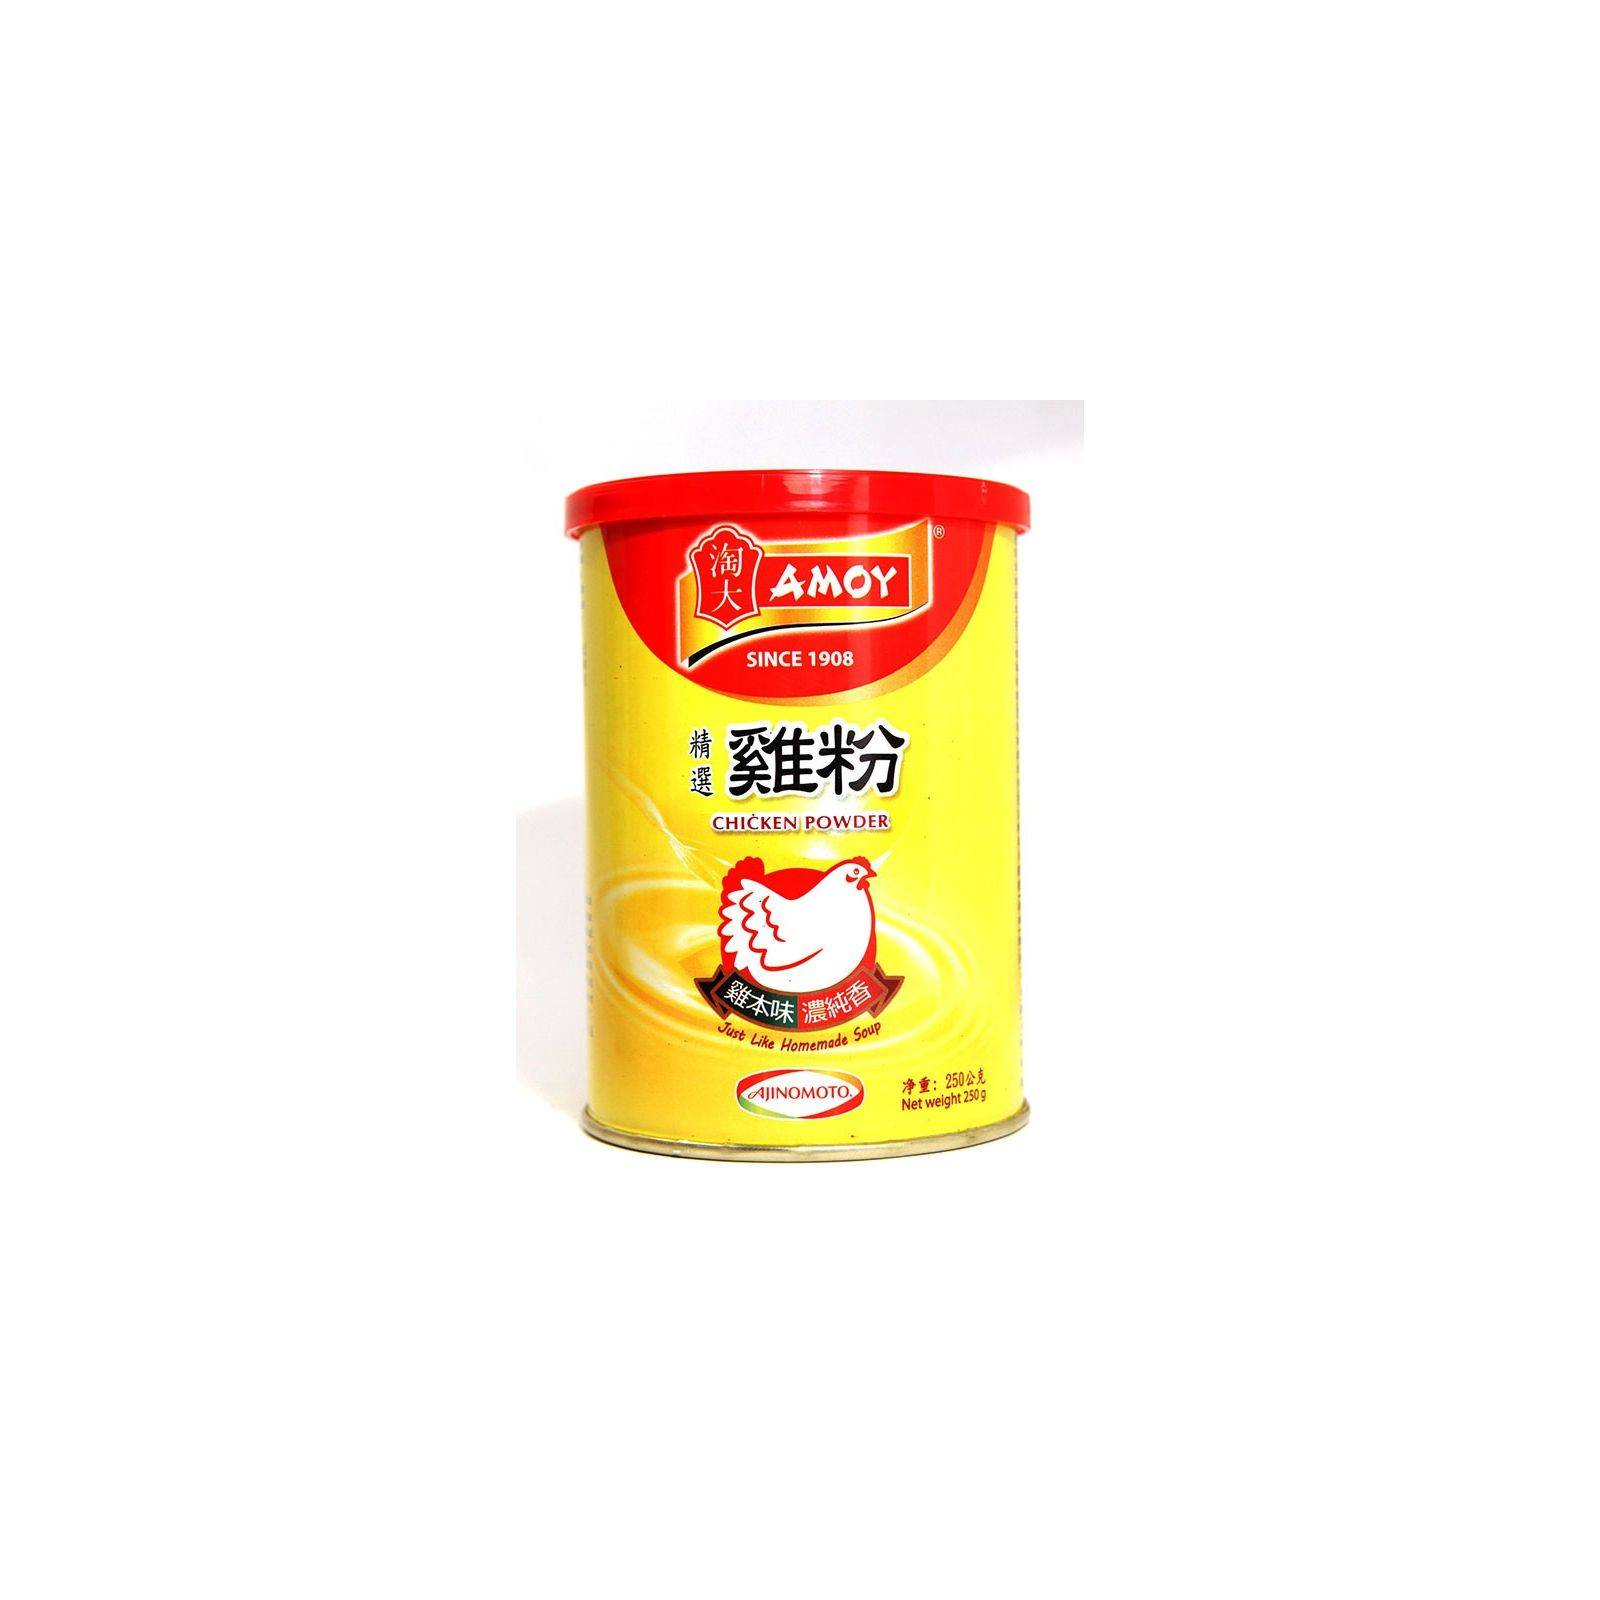 Asia Marché Bouillon de poule Amoy / Ajinomoto 1kg